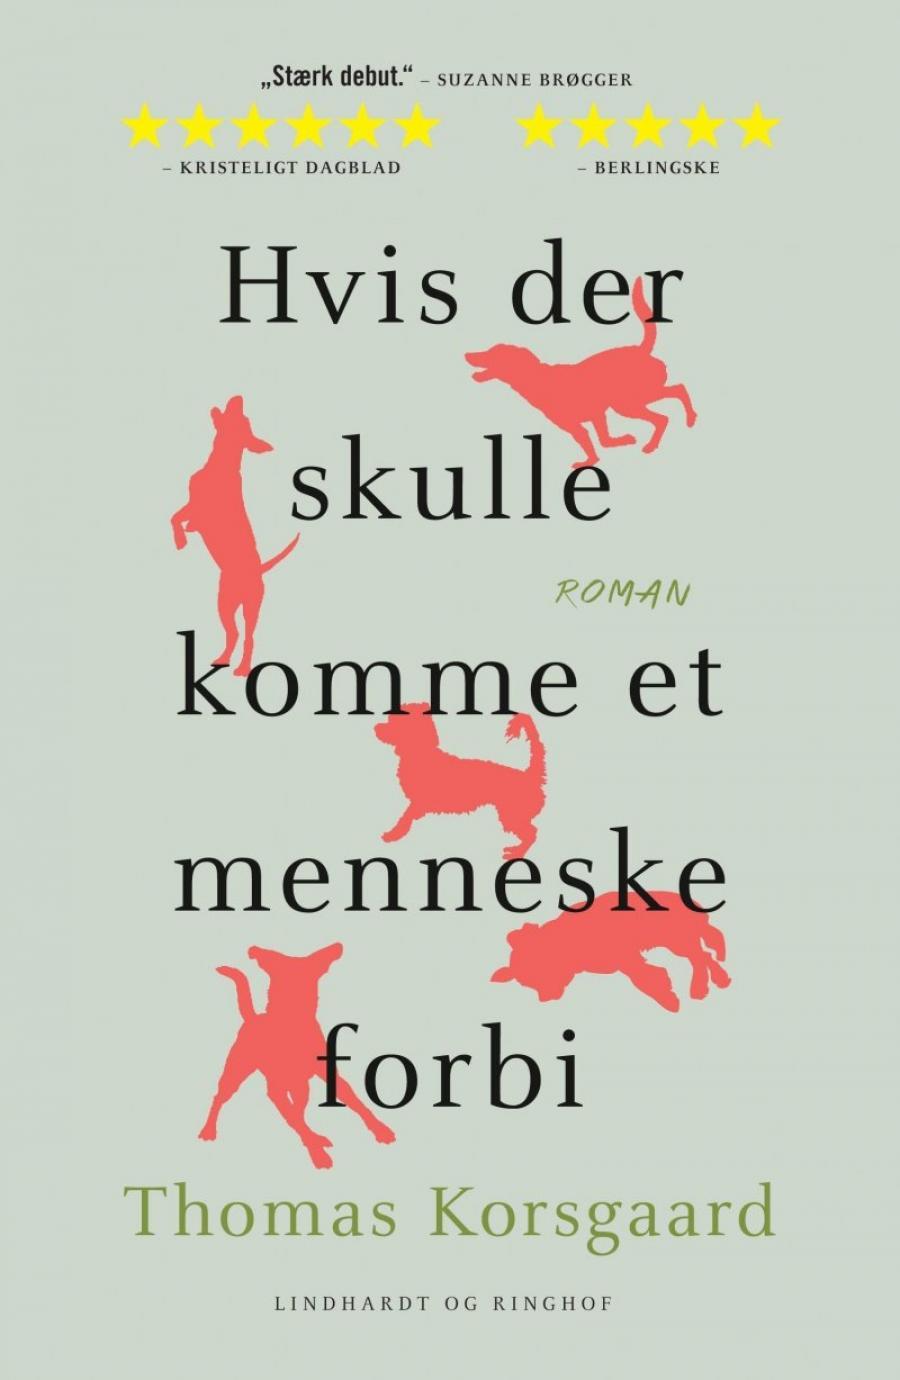 Forside til bogen Hvis der skulle komme et menneske forbi af Thomas Korsgaard